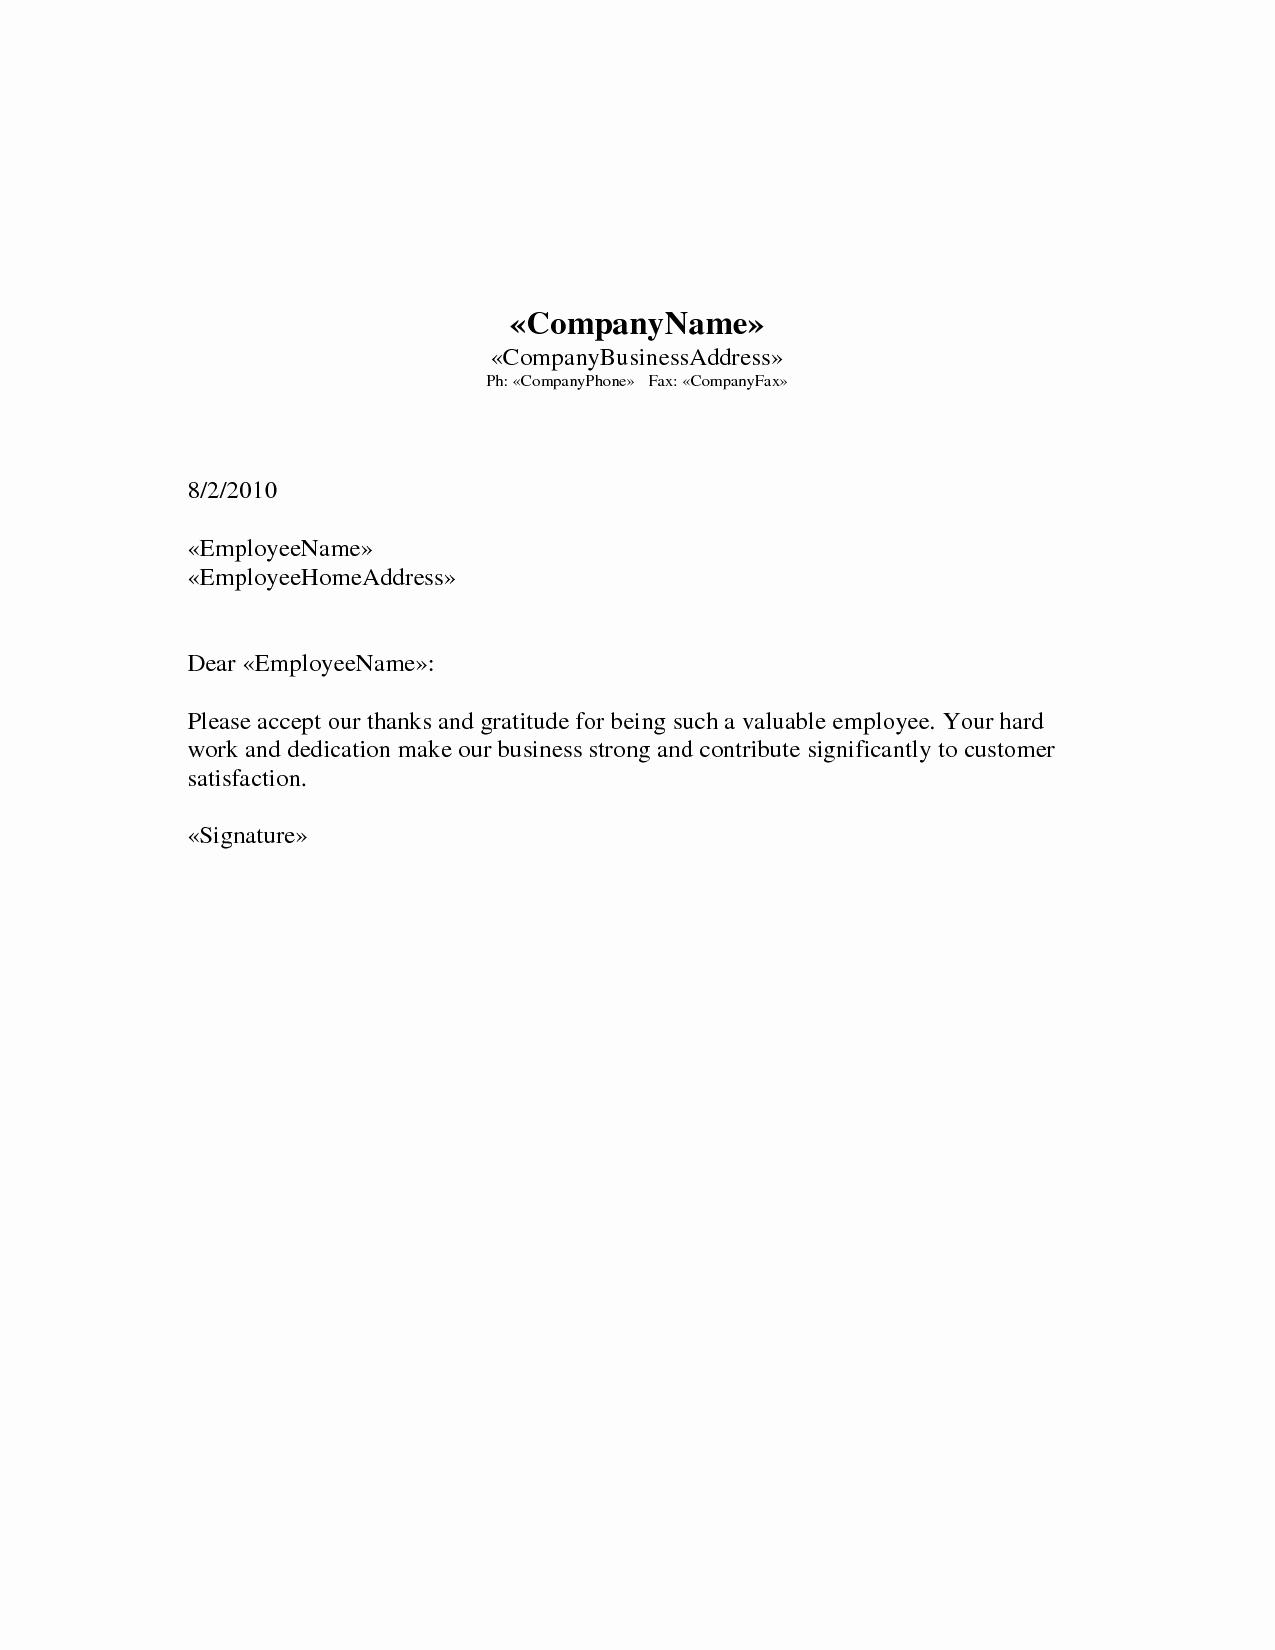 Letters Of Appreciation Template Unique Appreciation Letter